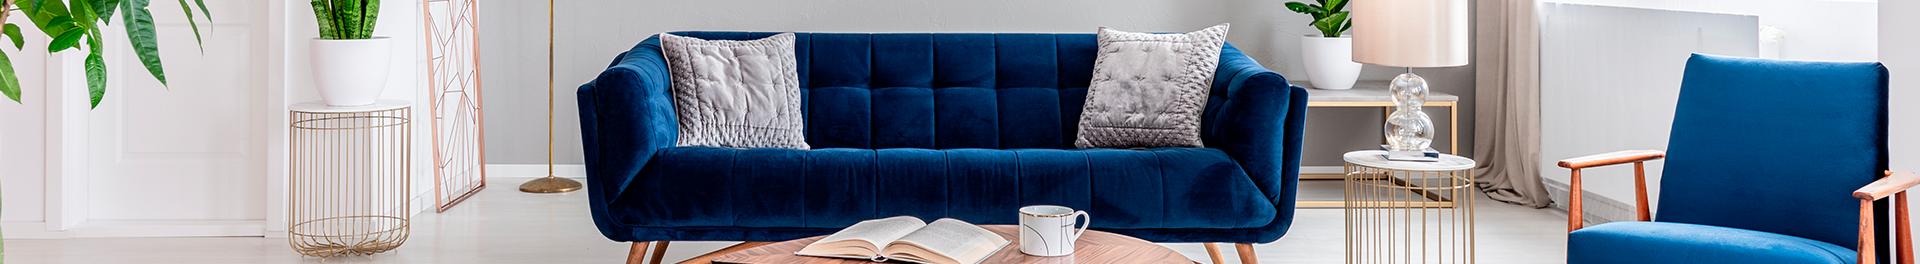 Muebles y Artículos para Hogares, Oficinas y Hoteles